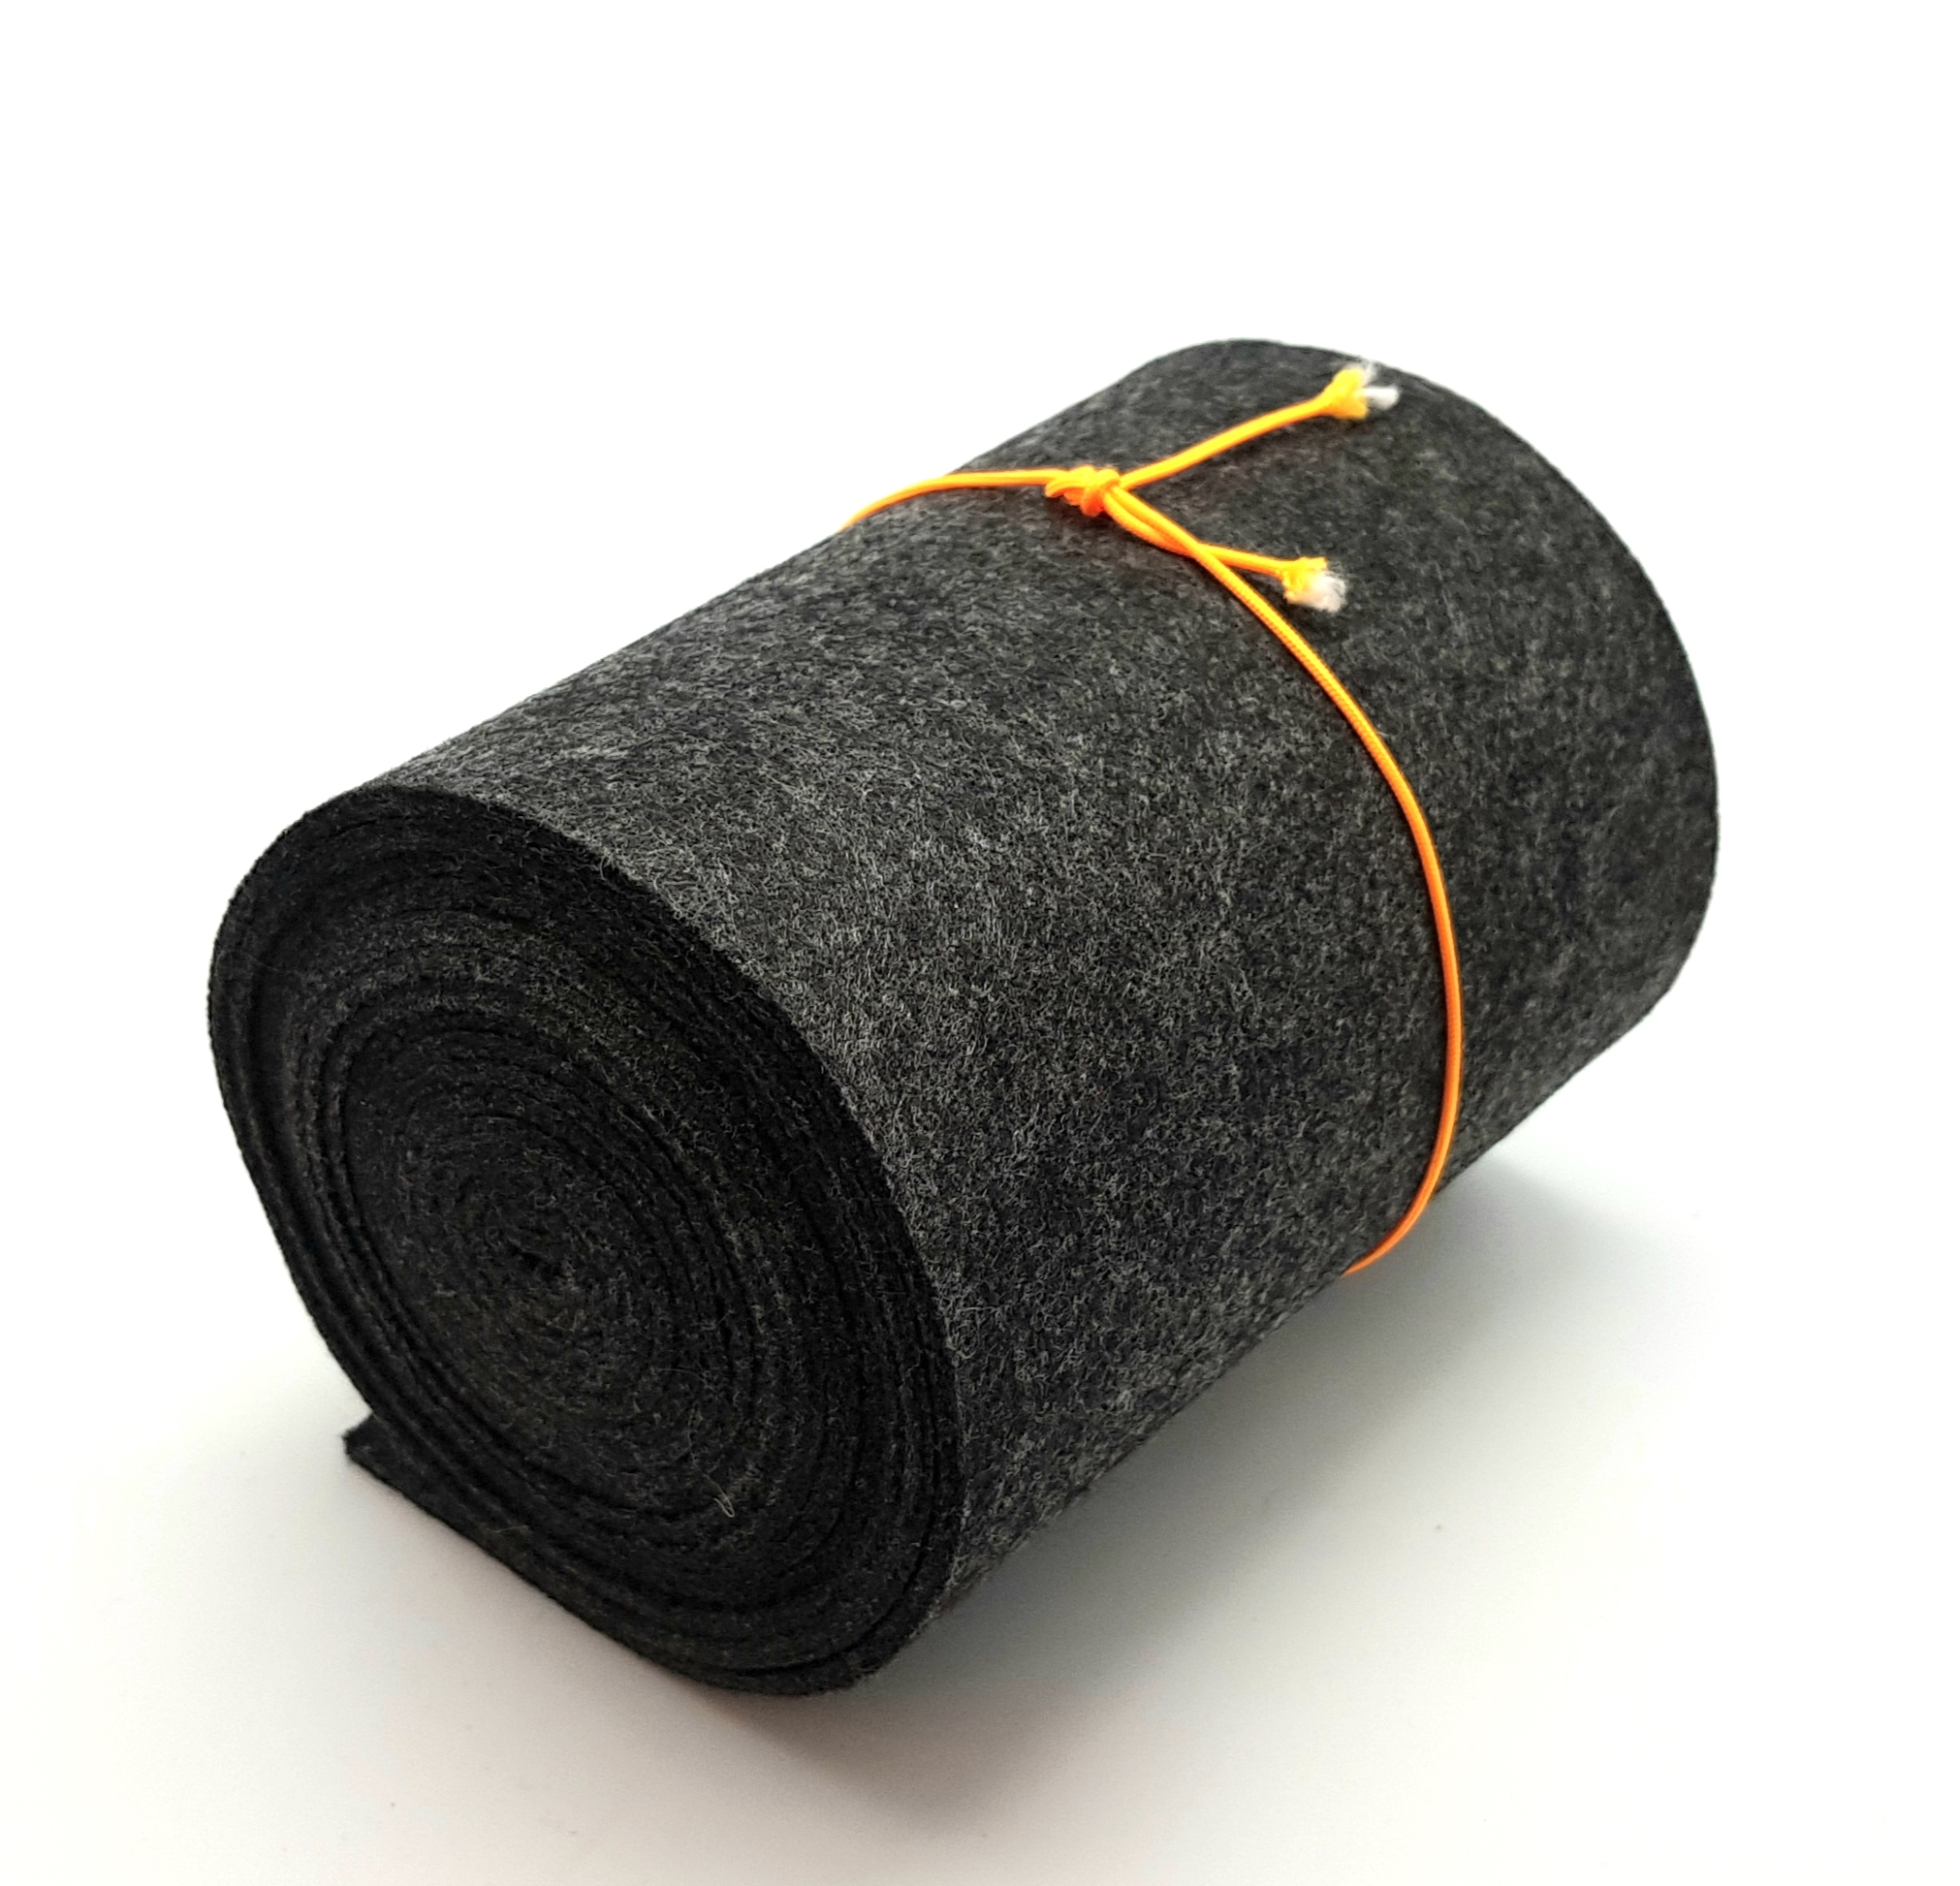 15-cm-rolle-anthrazit-melange - Handgemachte individualisierbare Taschen, Körbe, Tischsets, Dekoartikel und mehr auf fideko.de der Onlineshop seit 2011